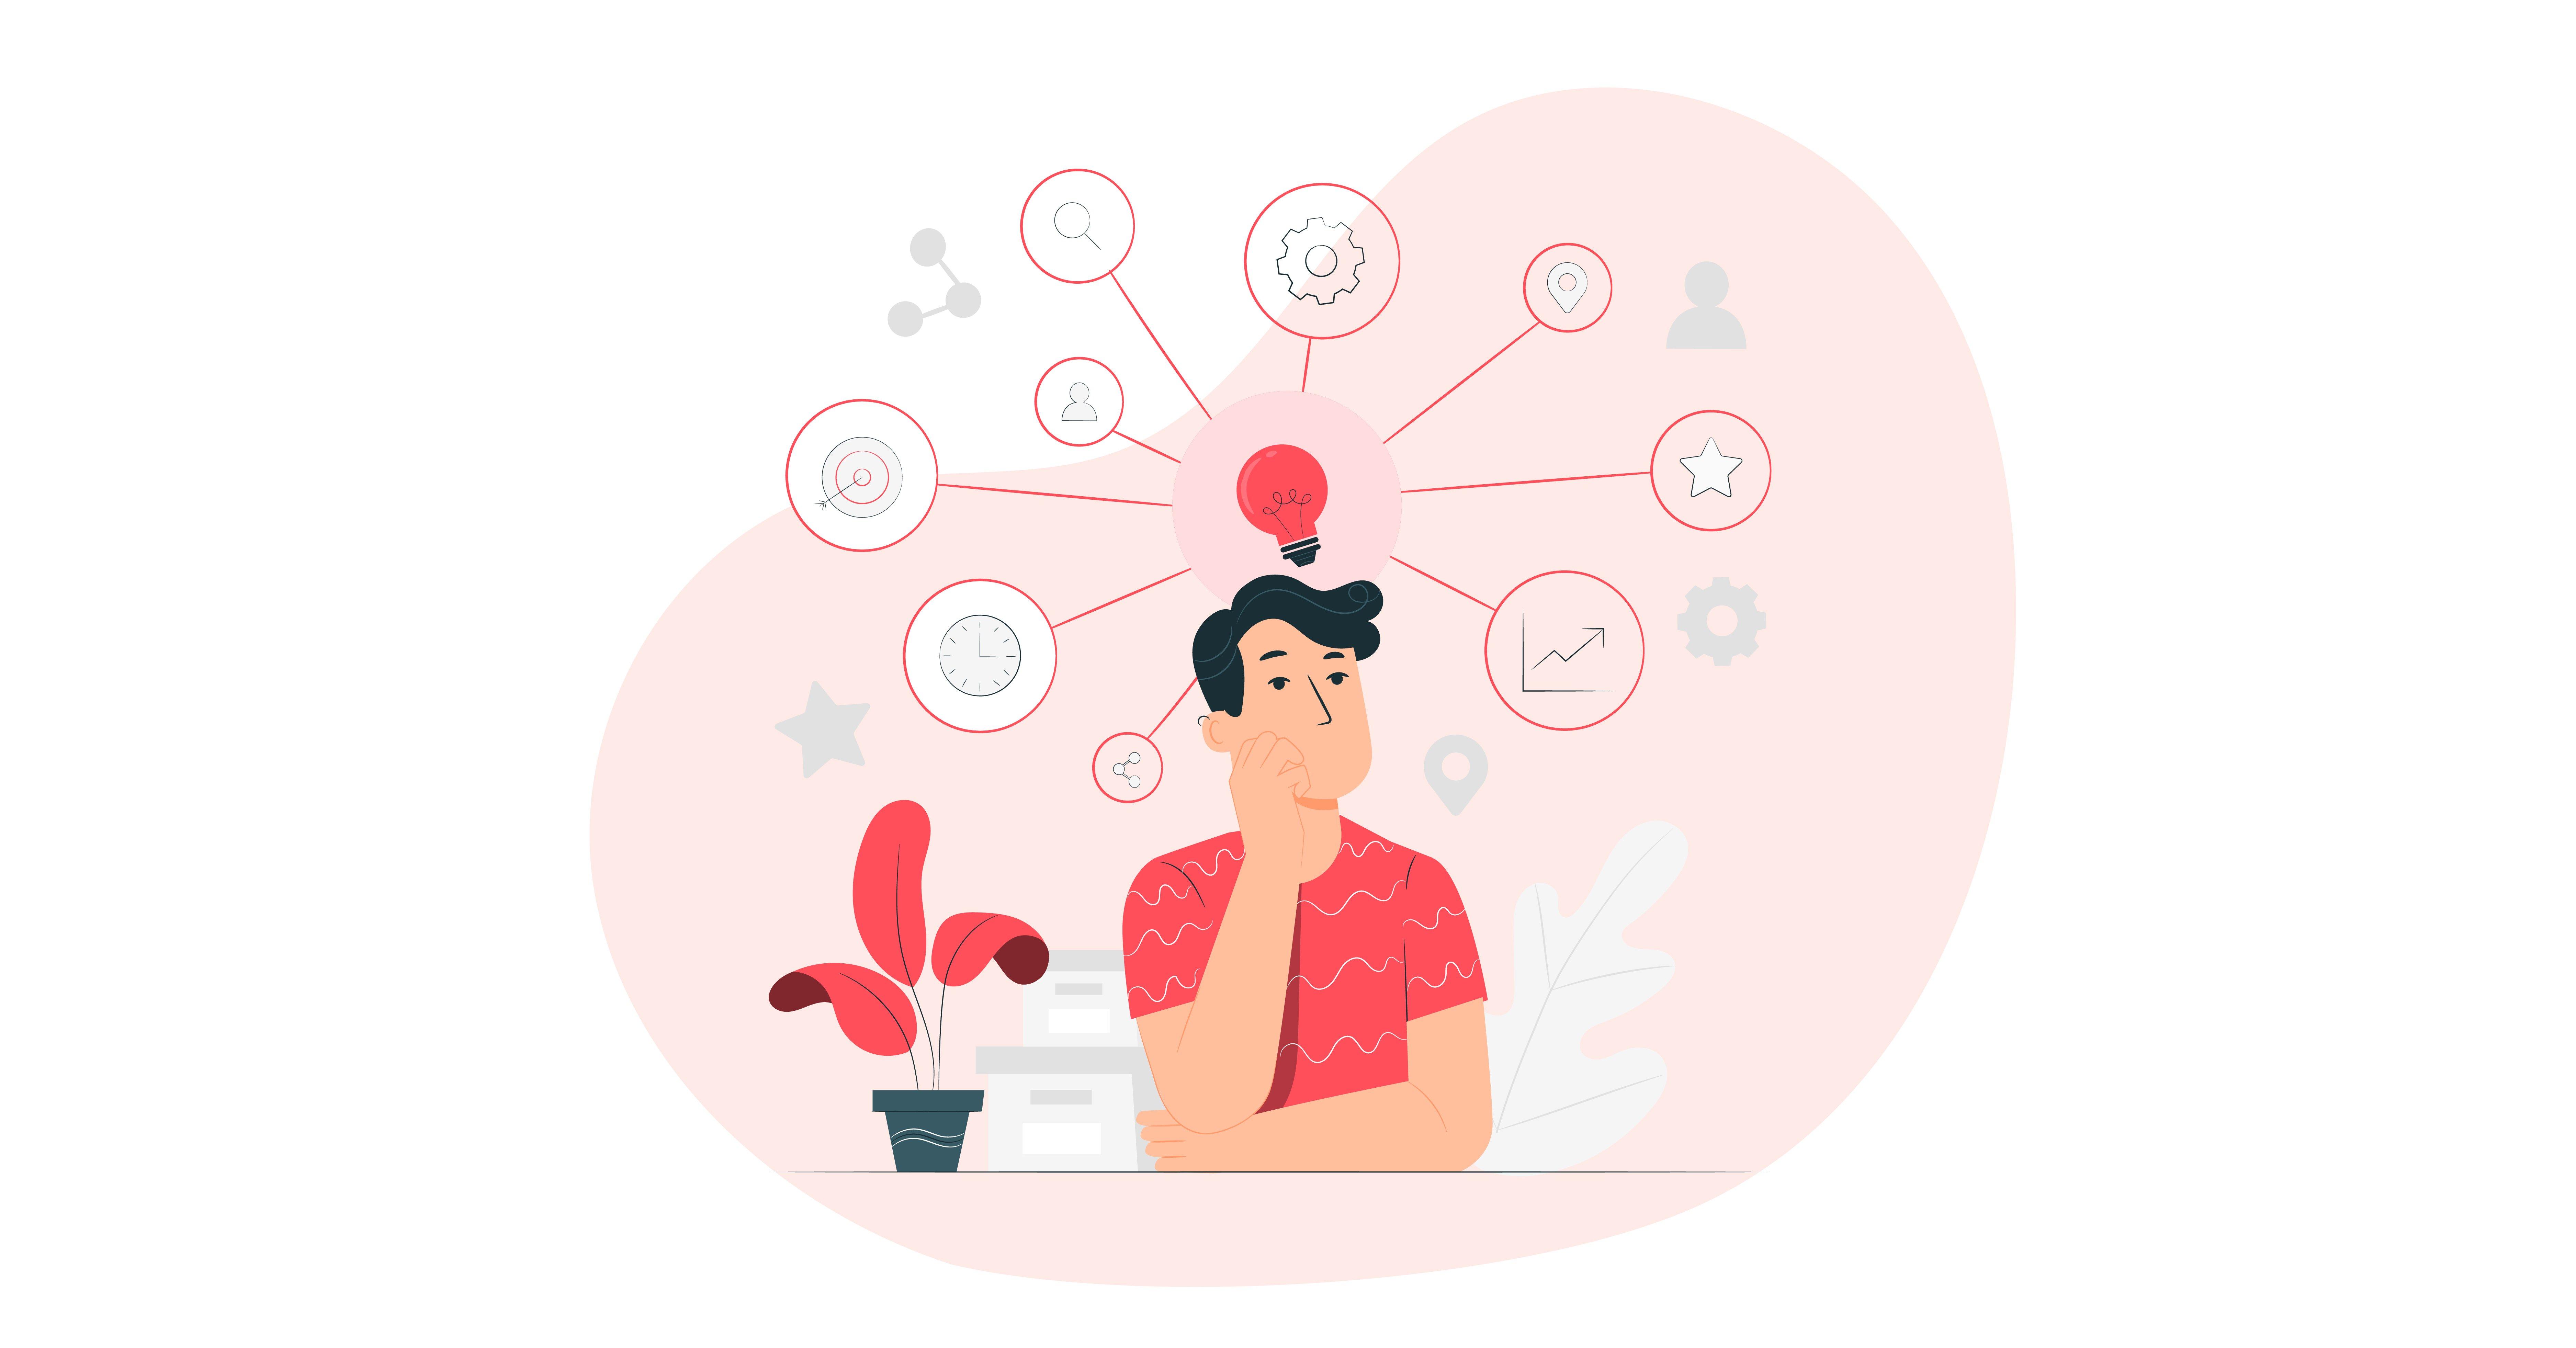 Qué es el Mindful marketing y cómo aplicarlo